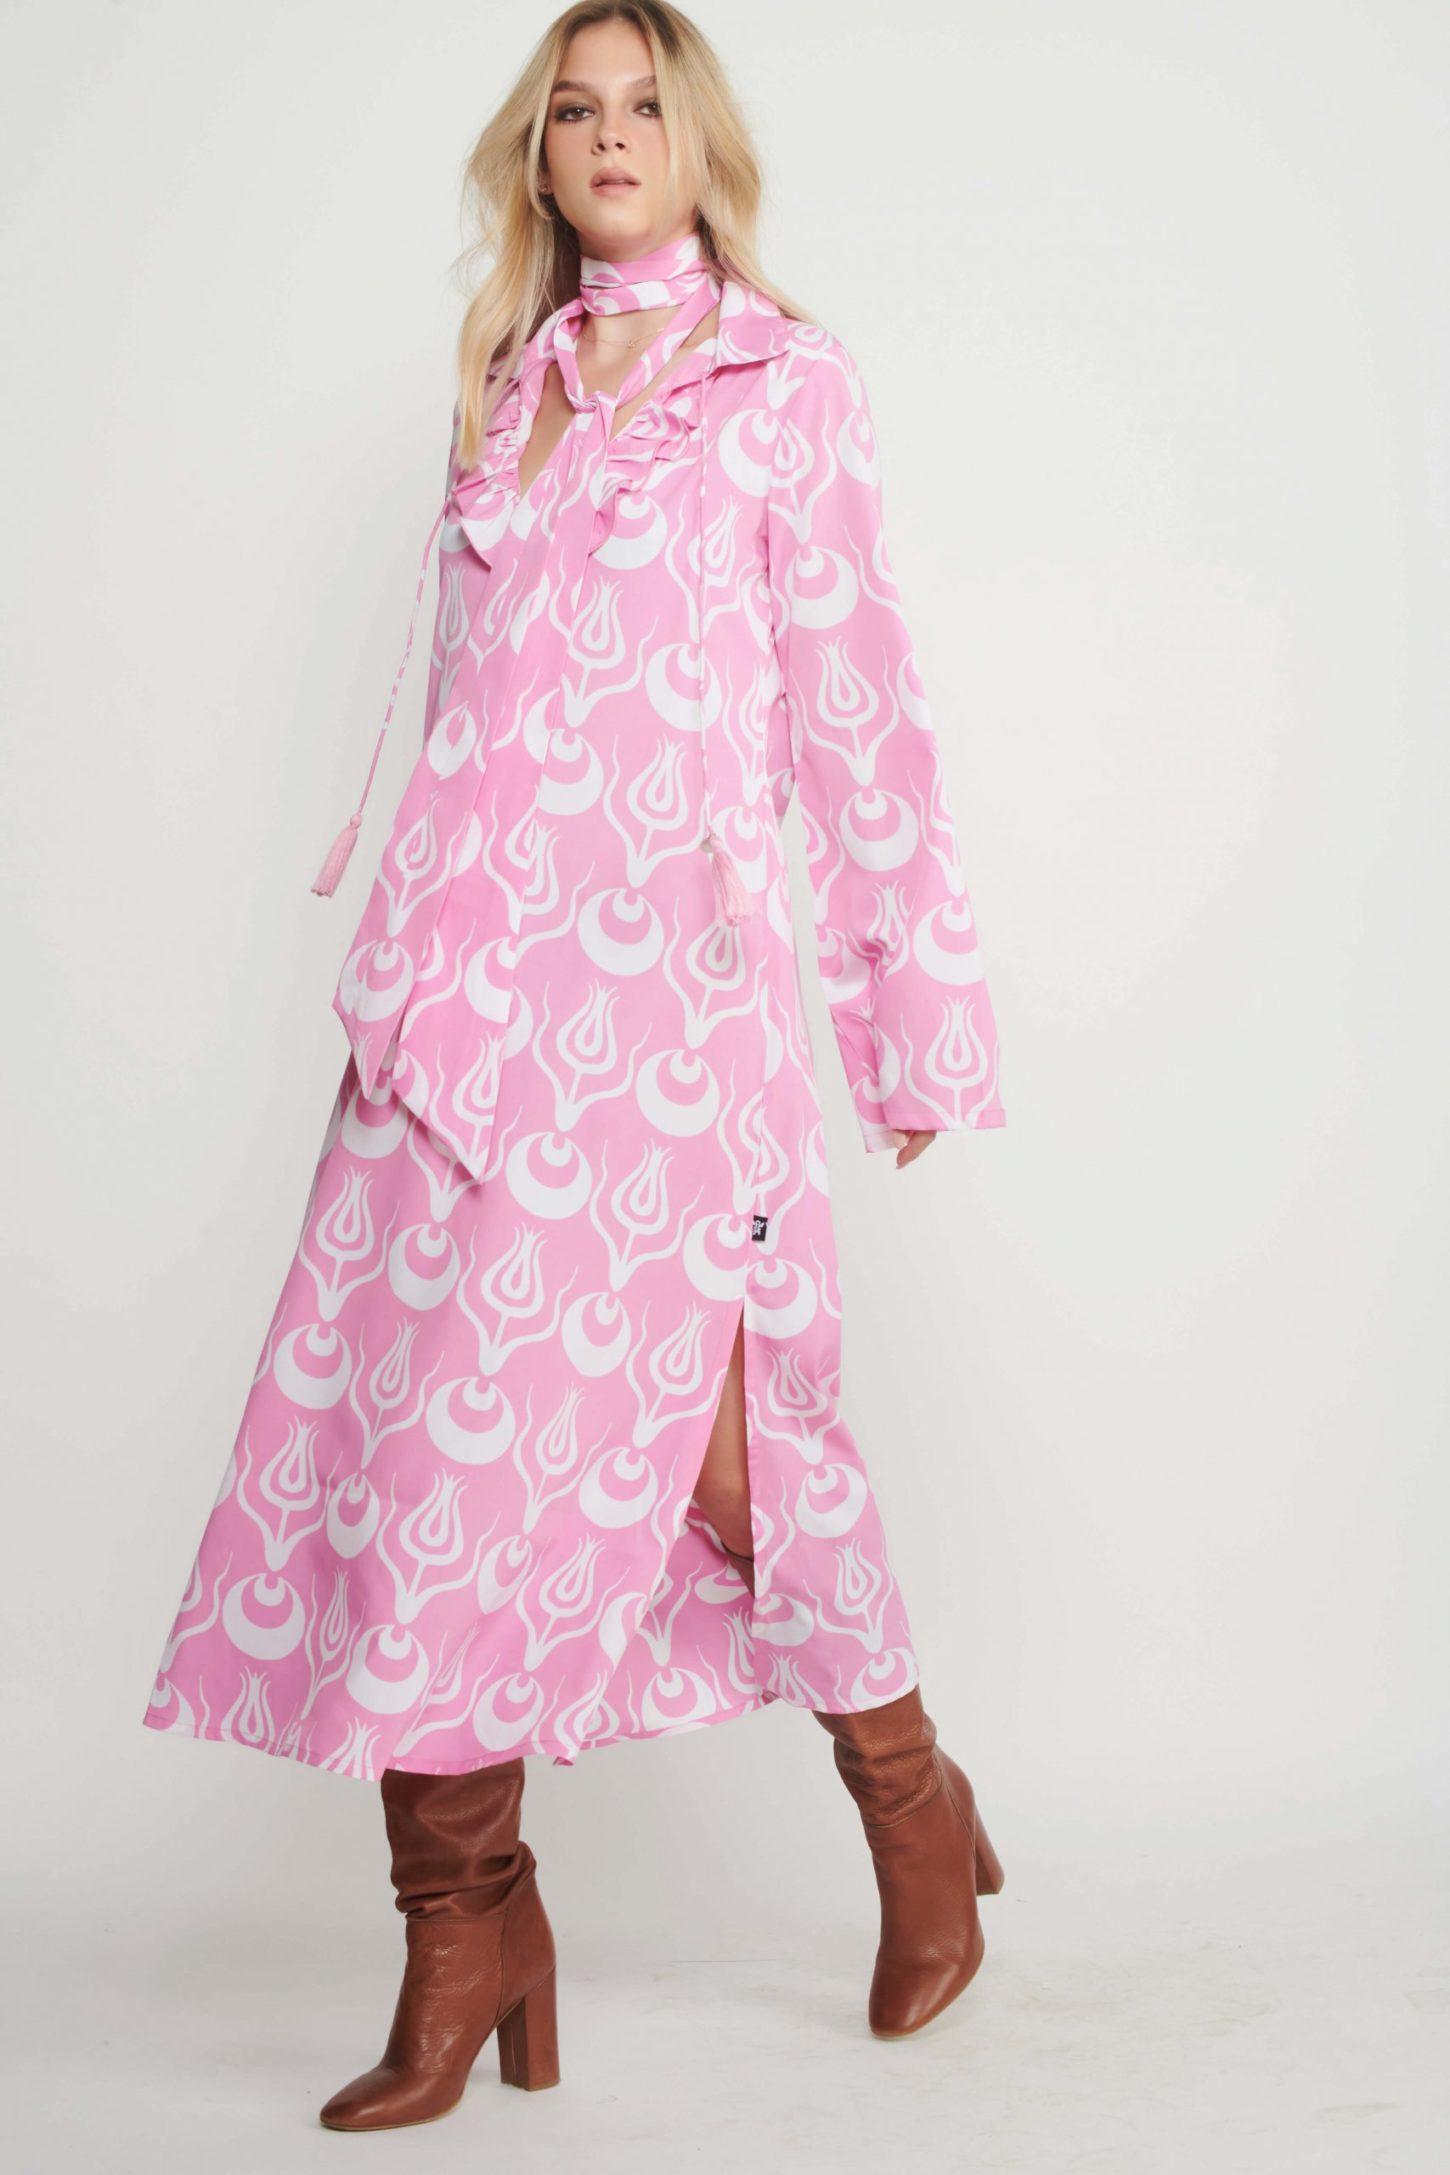 שמלת מקסי Donna לנשים